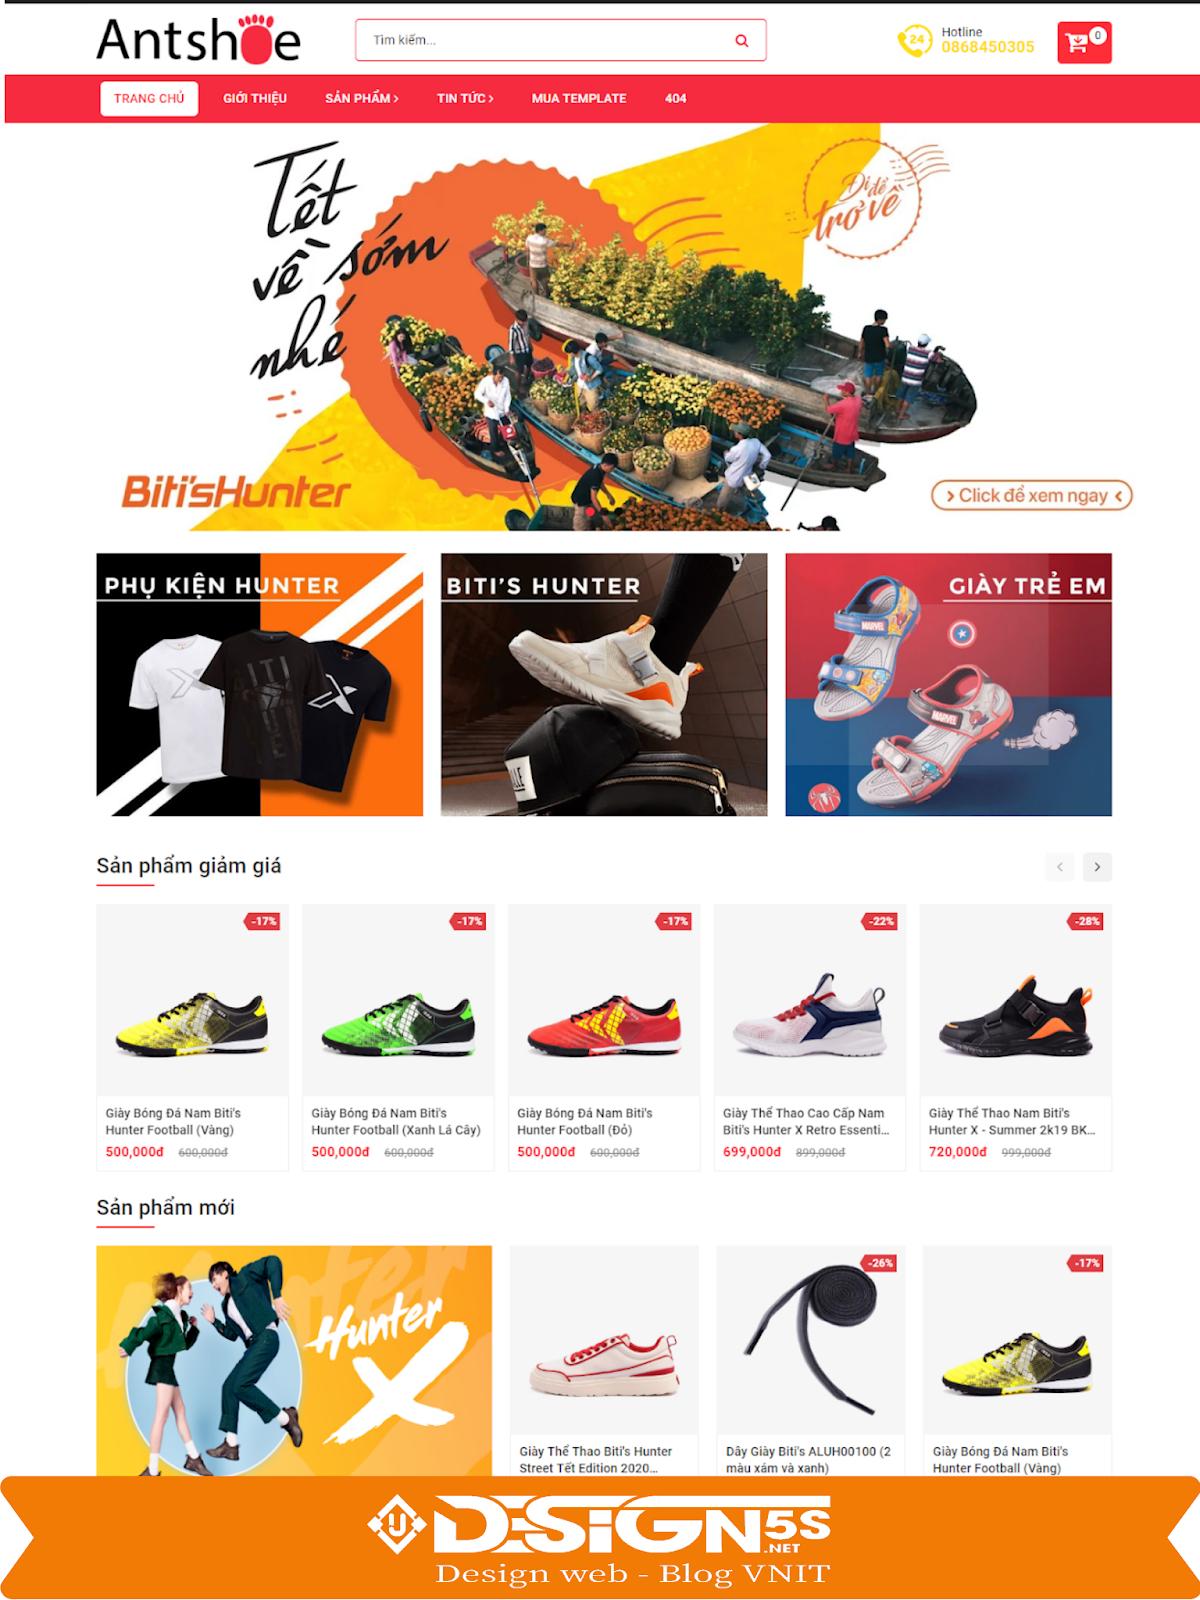 Mẫu Website bán giày chuẩn seo Ant Shoes